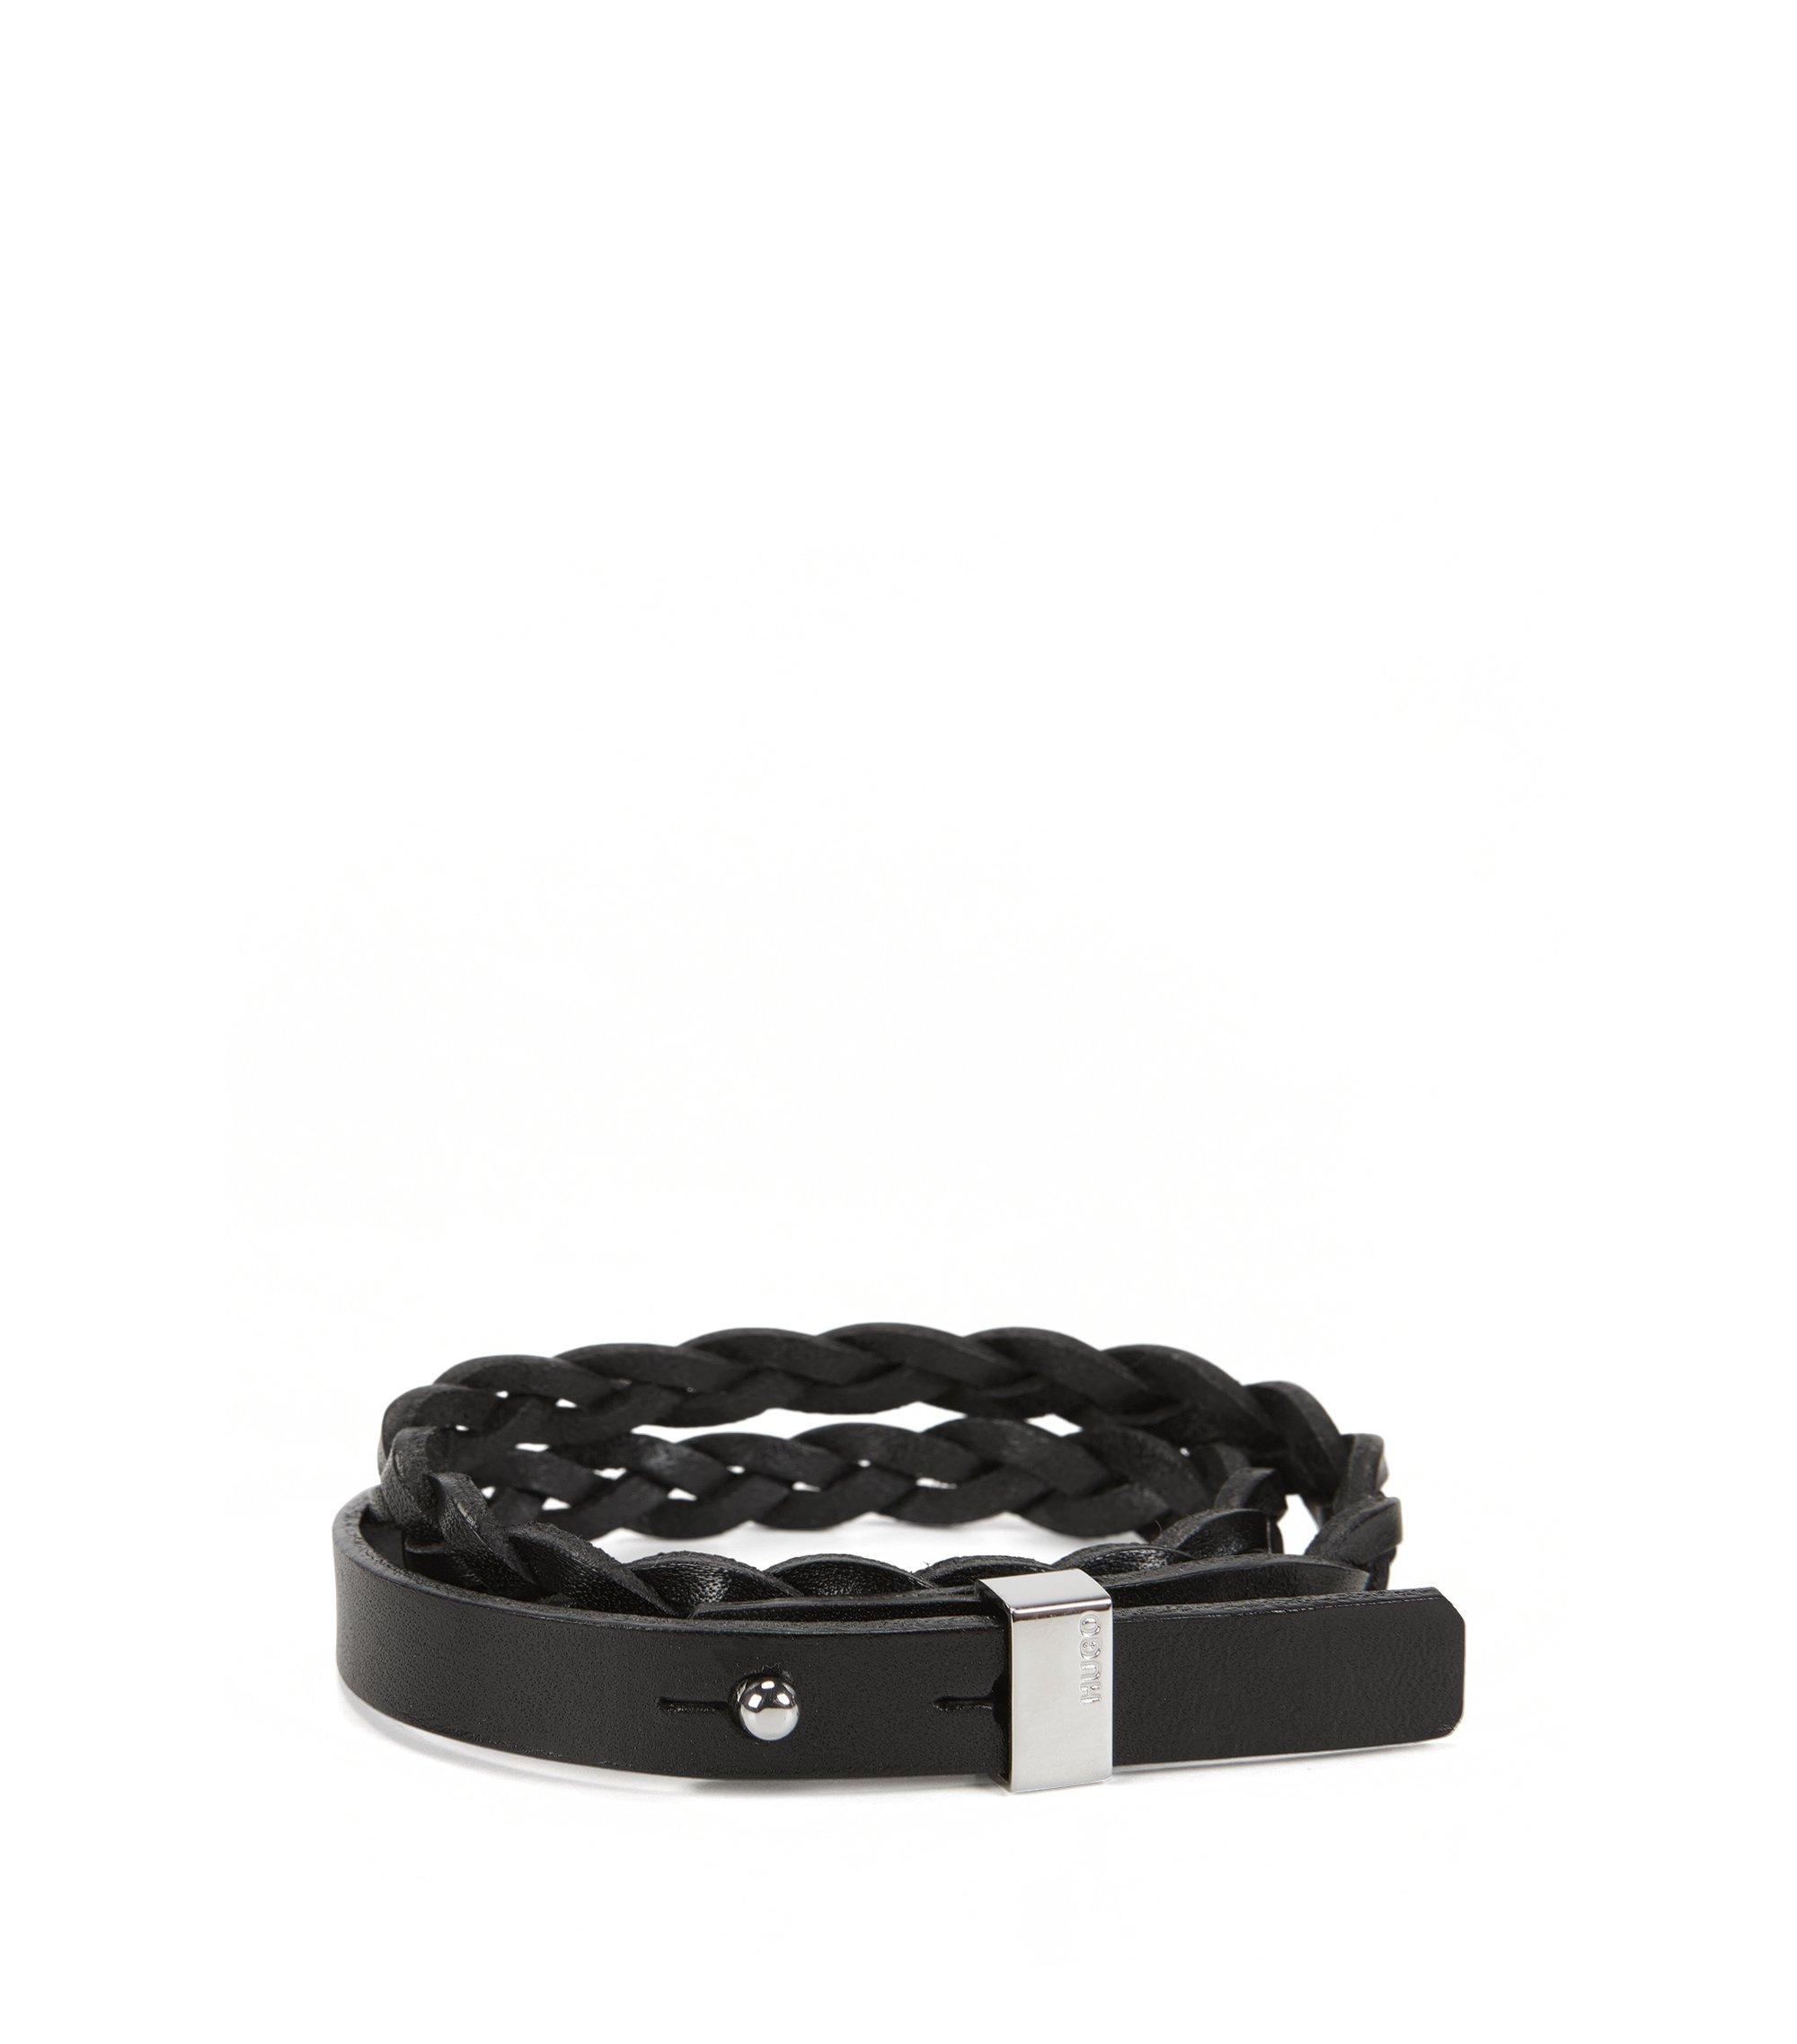 Geflochtenes Armband aus Leder, Schwarz